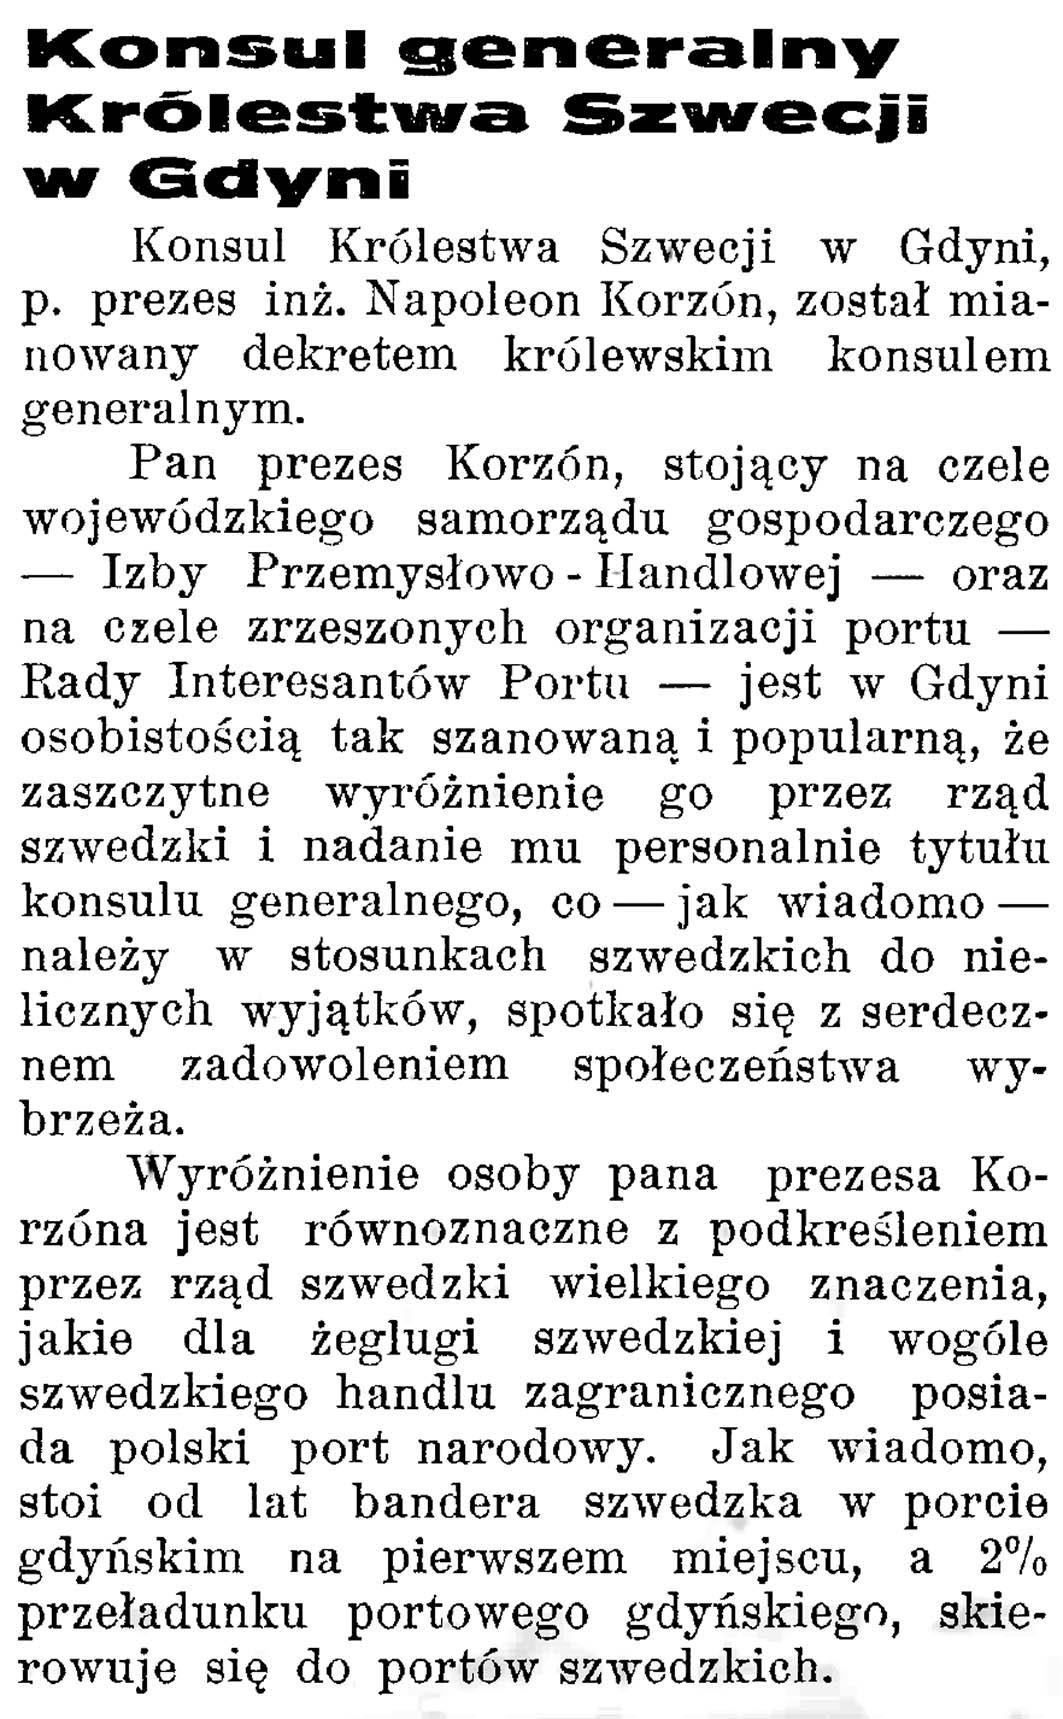 Konsulat generalny Królestwa Szwecji w Gdyni // Latarnia Morska. - 1934, nr 17, s. 10